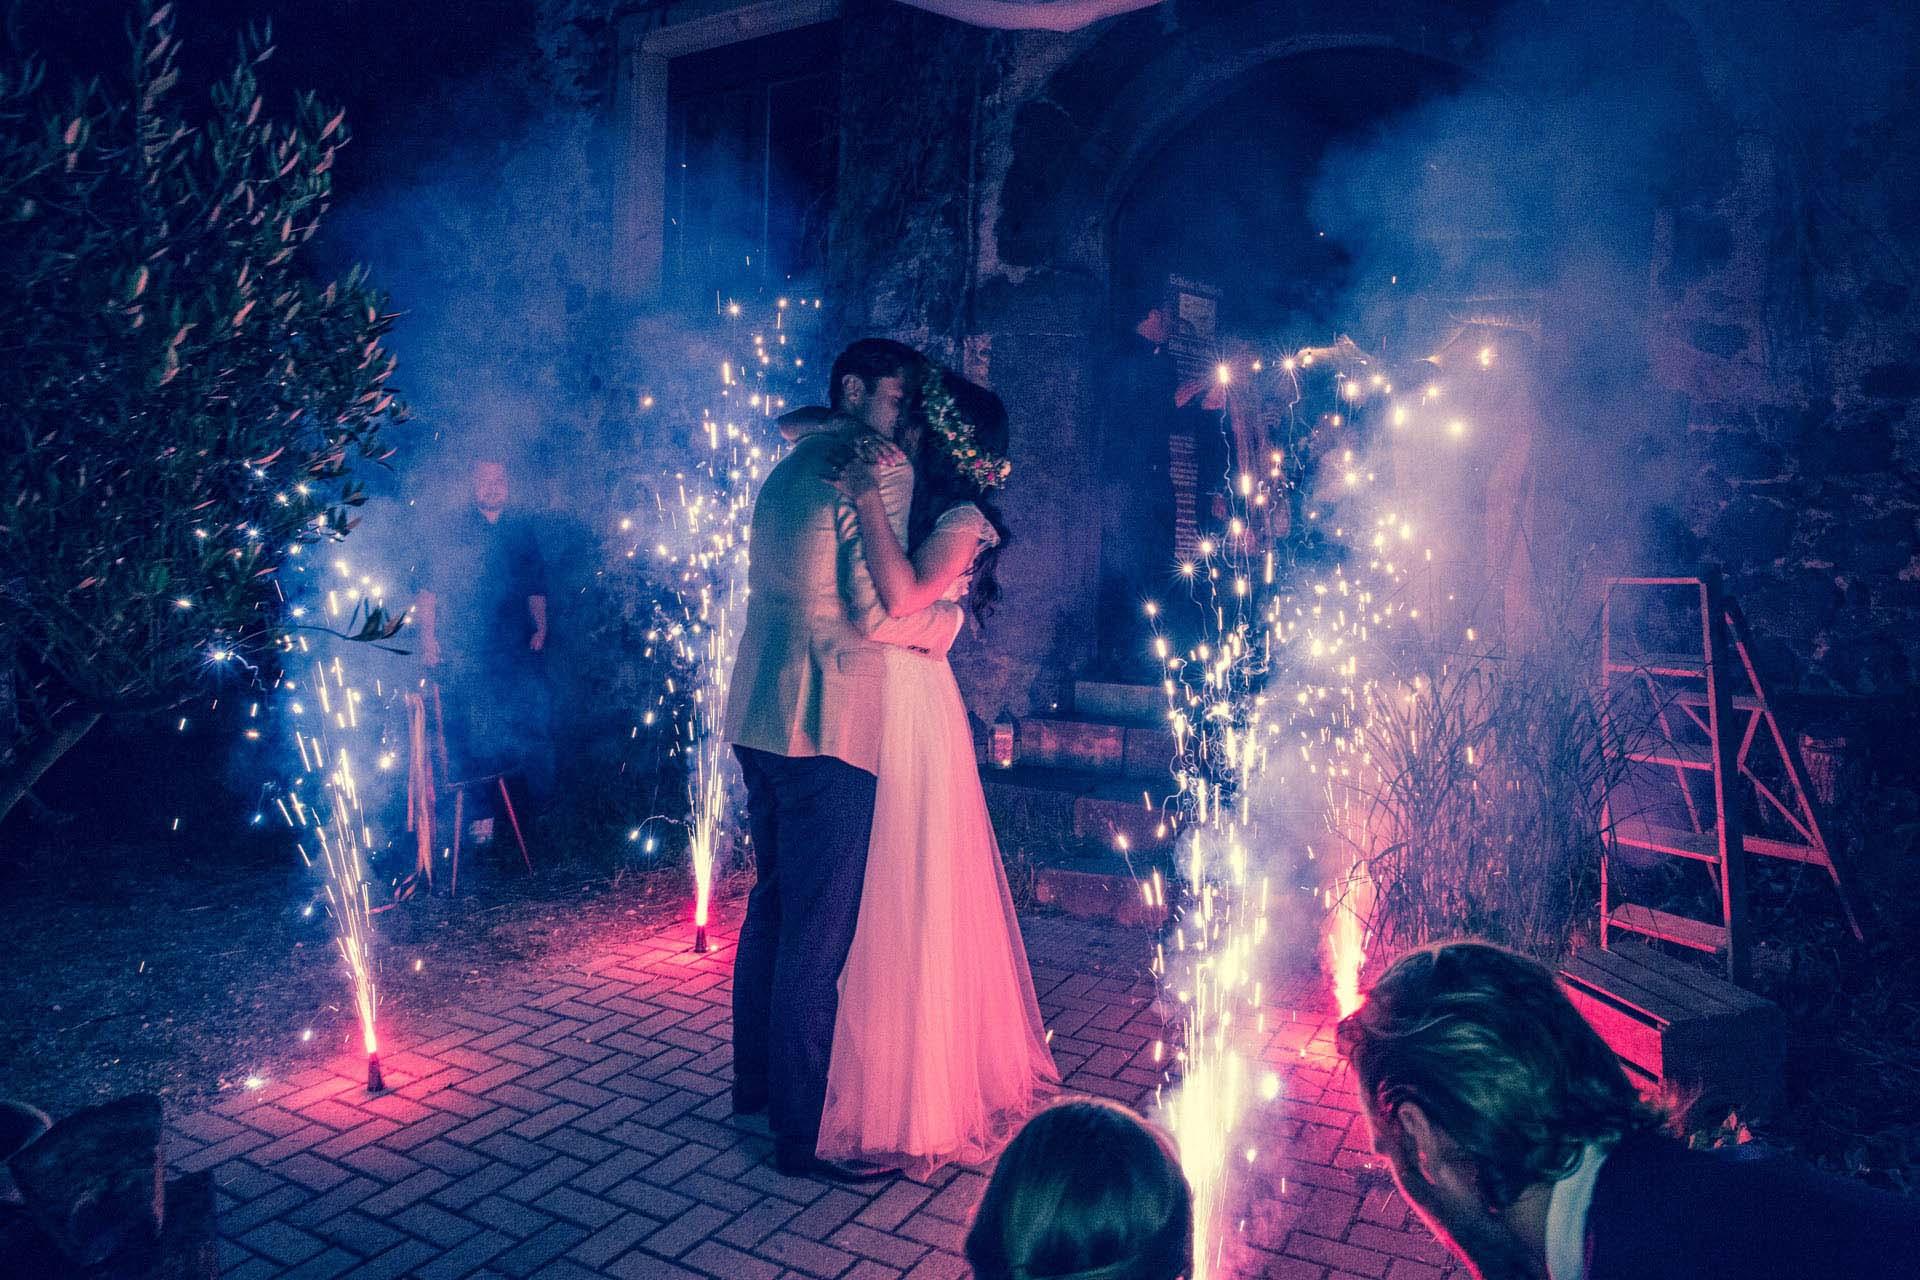 Hochzeitsreportage_Freiburg_Basel_Feier Brautpaar Feuerwerk Kuss